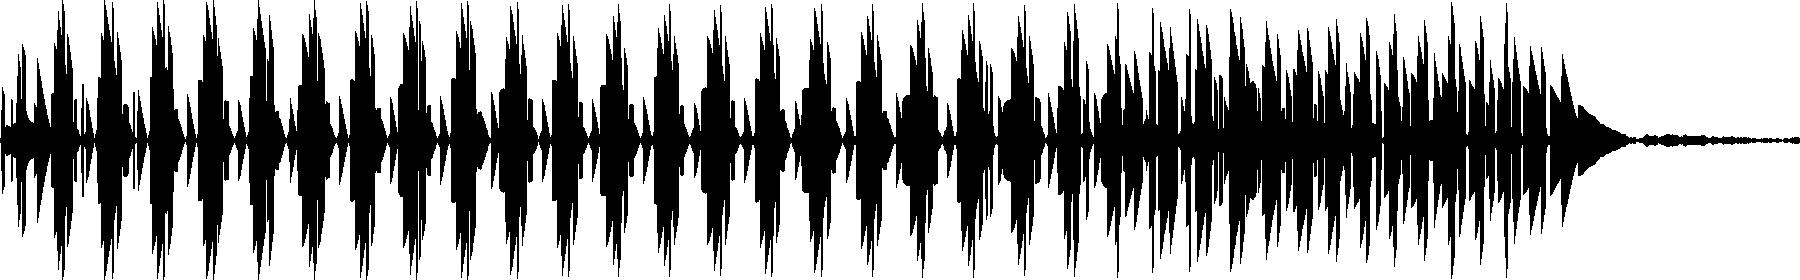 veh2 synths   108 c